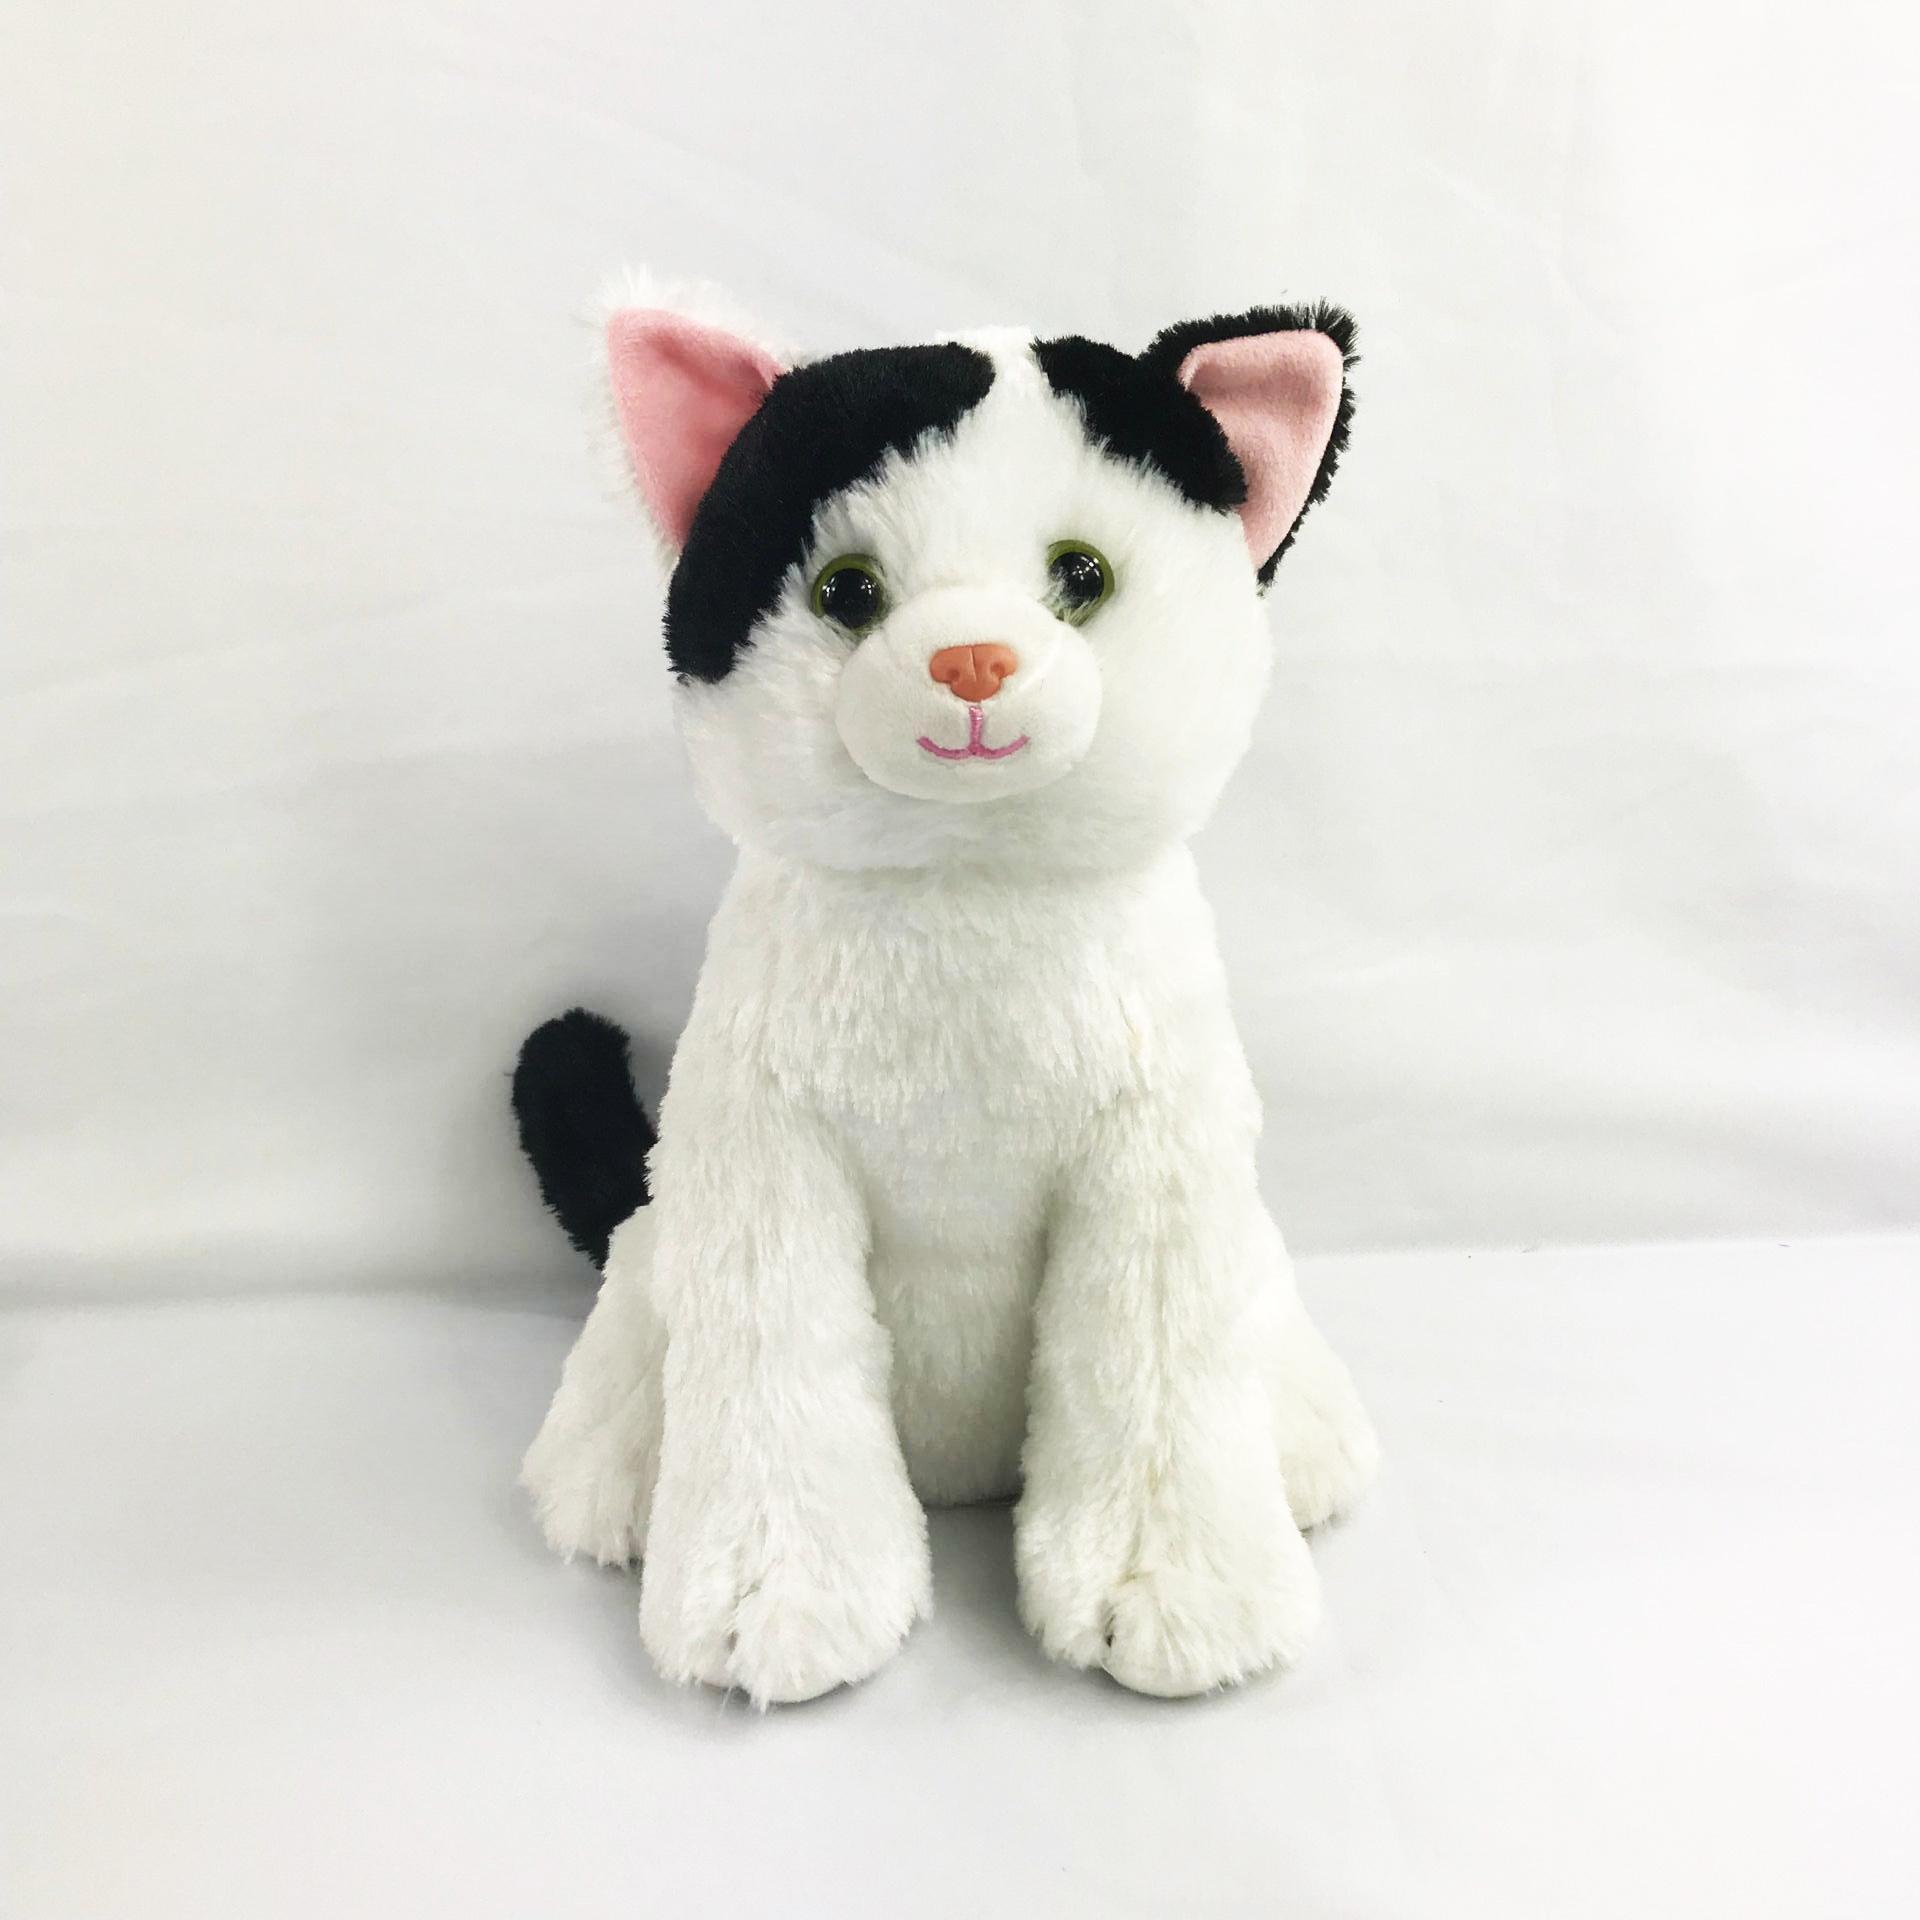 ของเล่นตุ๊กตาสัตว์ตุ๊กตาของเล่นแมวน่ารักตาใหญ่